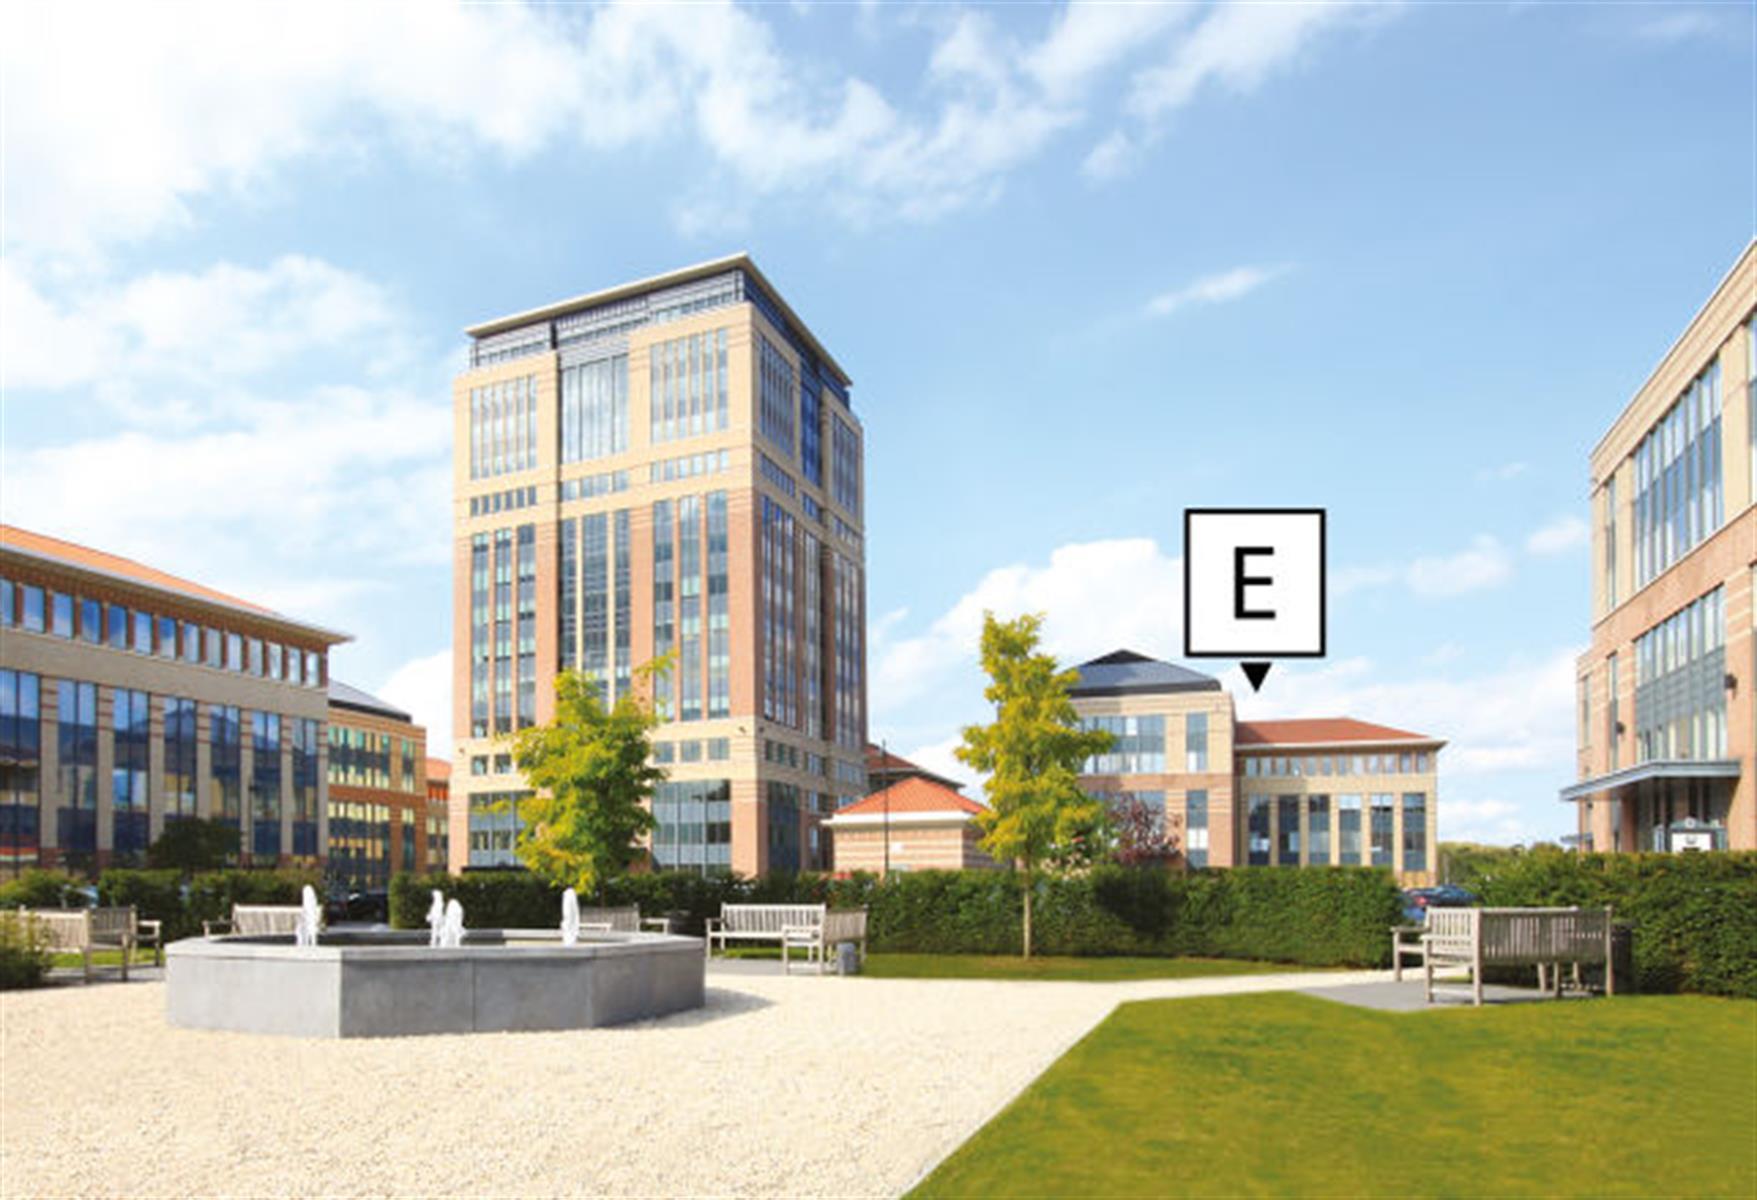 kantoor te huur I129 - Kantoren - Schalienhoevedreef 20 E, 2800 Mechelen, België 3